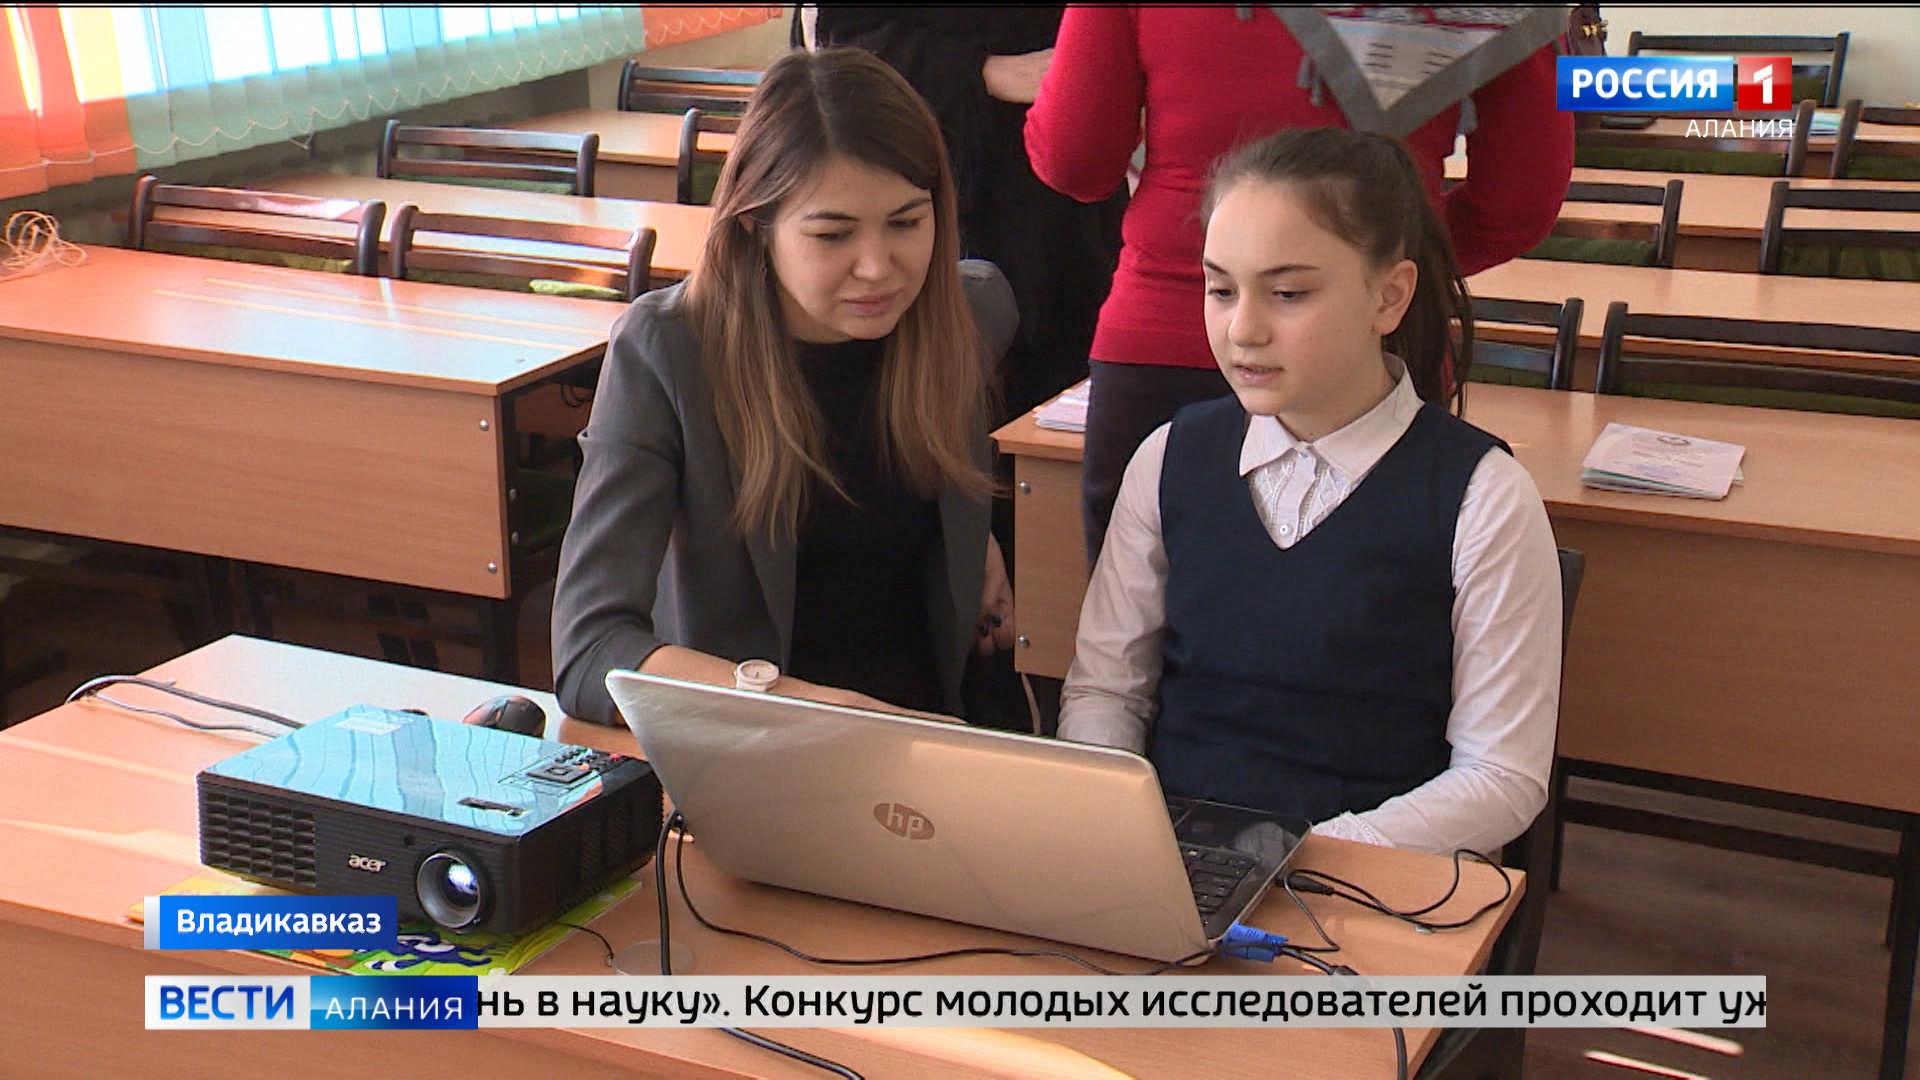 Во Владикавказе проходит заключительный этап регионального конкурса «Ступень в науку»